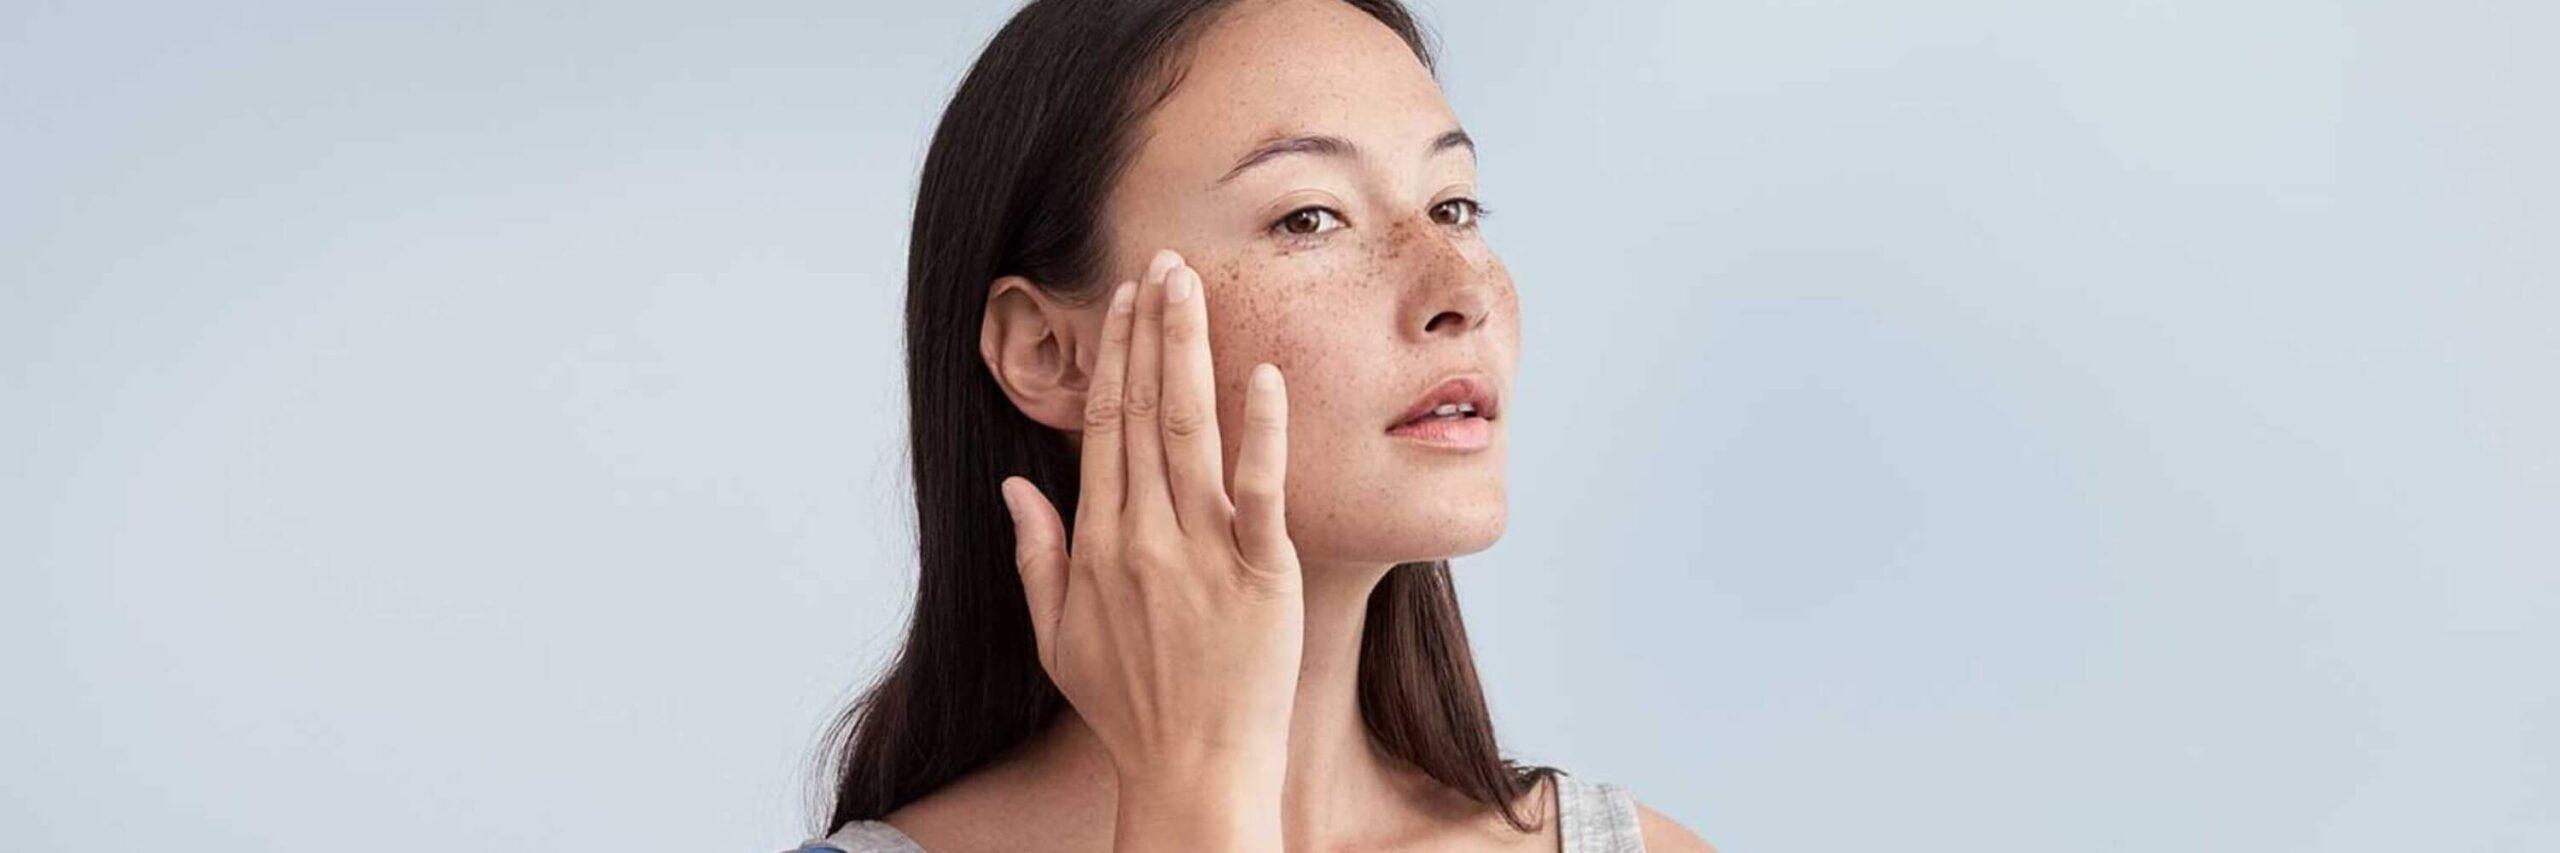 Hydratatie voor je huid, wat zegt dat eigenlijk?